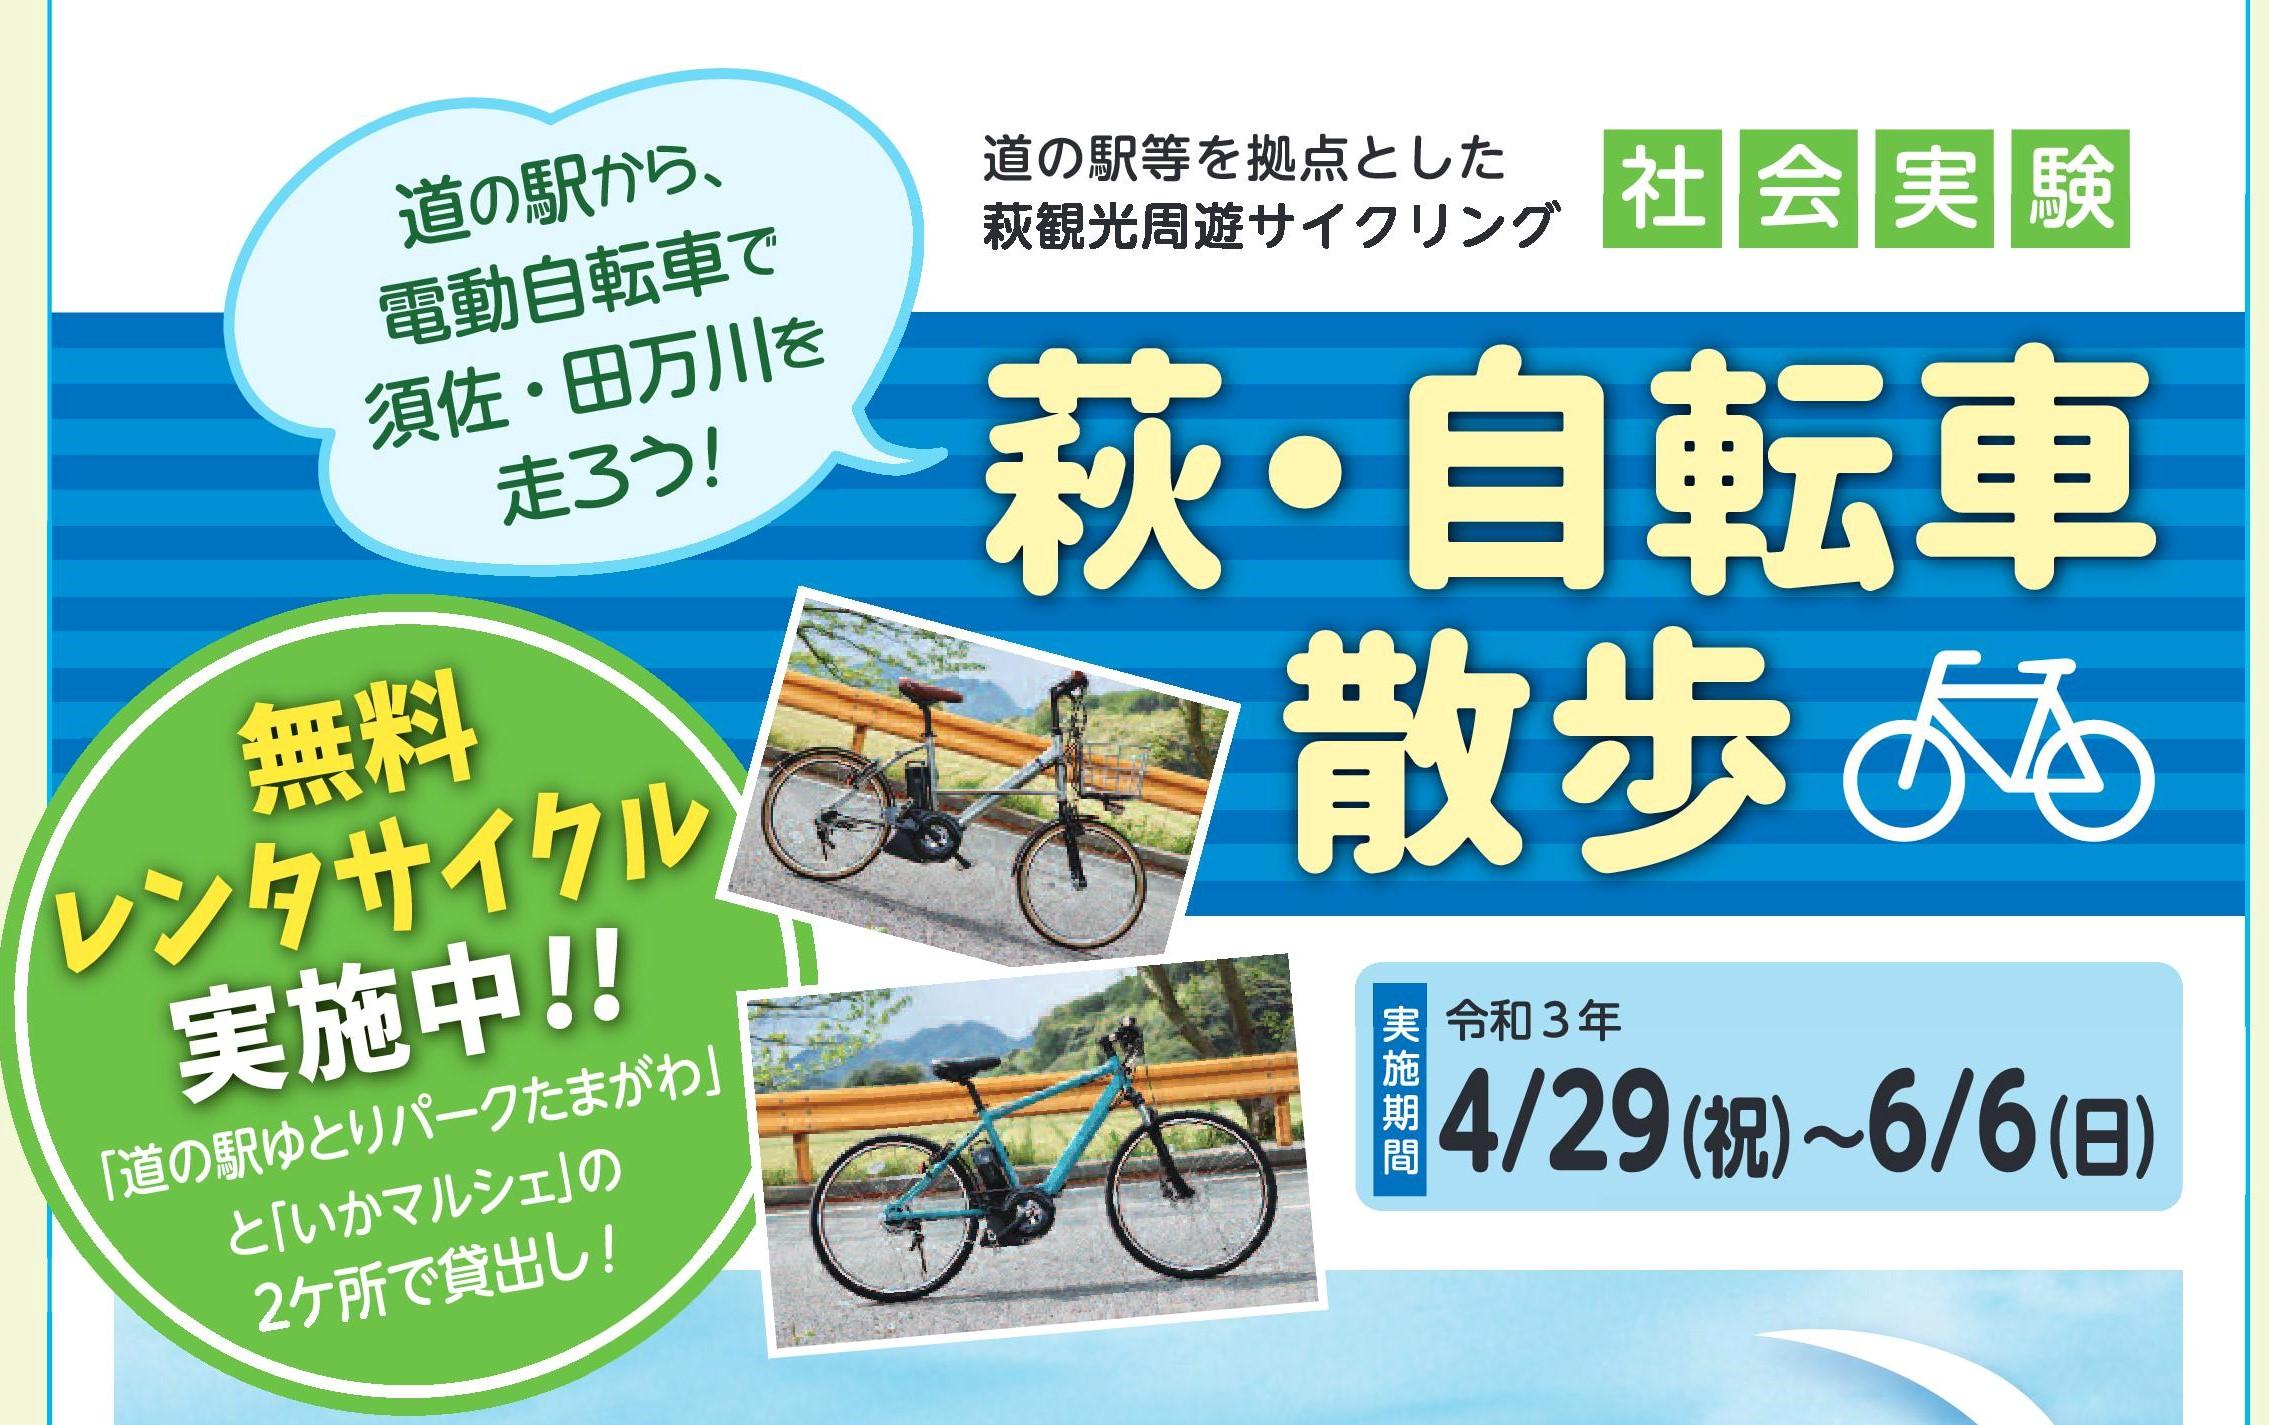 画像:電動自転車で須佐・田万川を走ろう!萩・自転車散歩